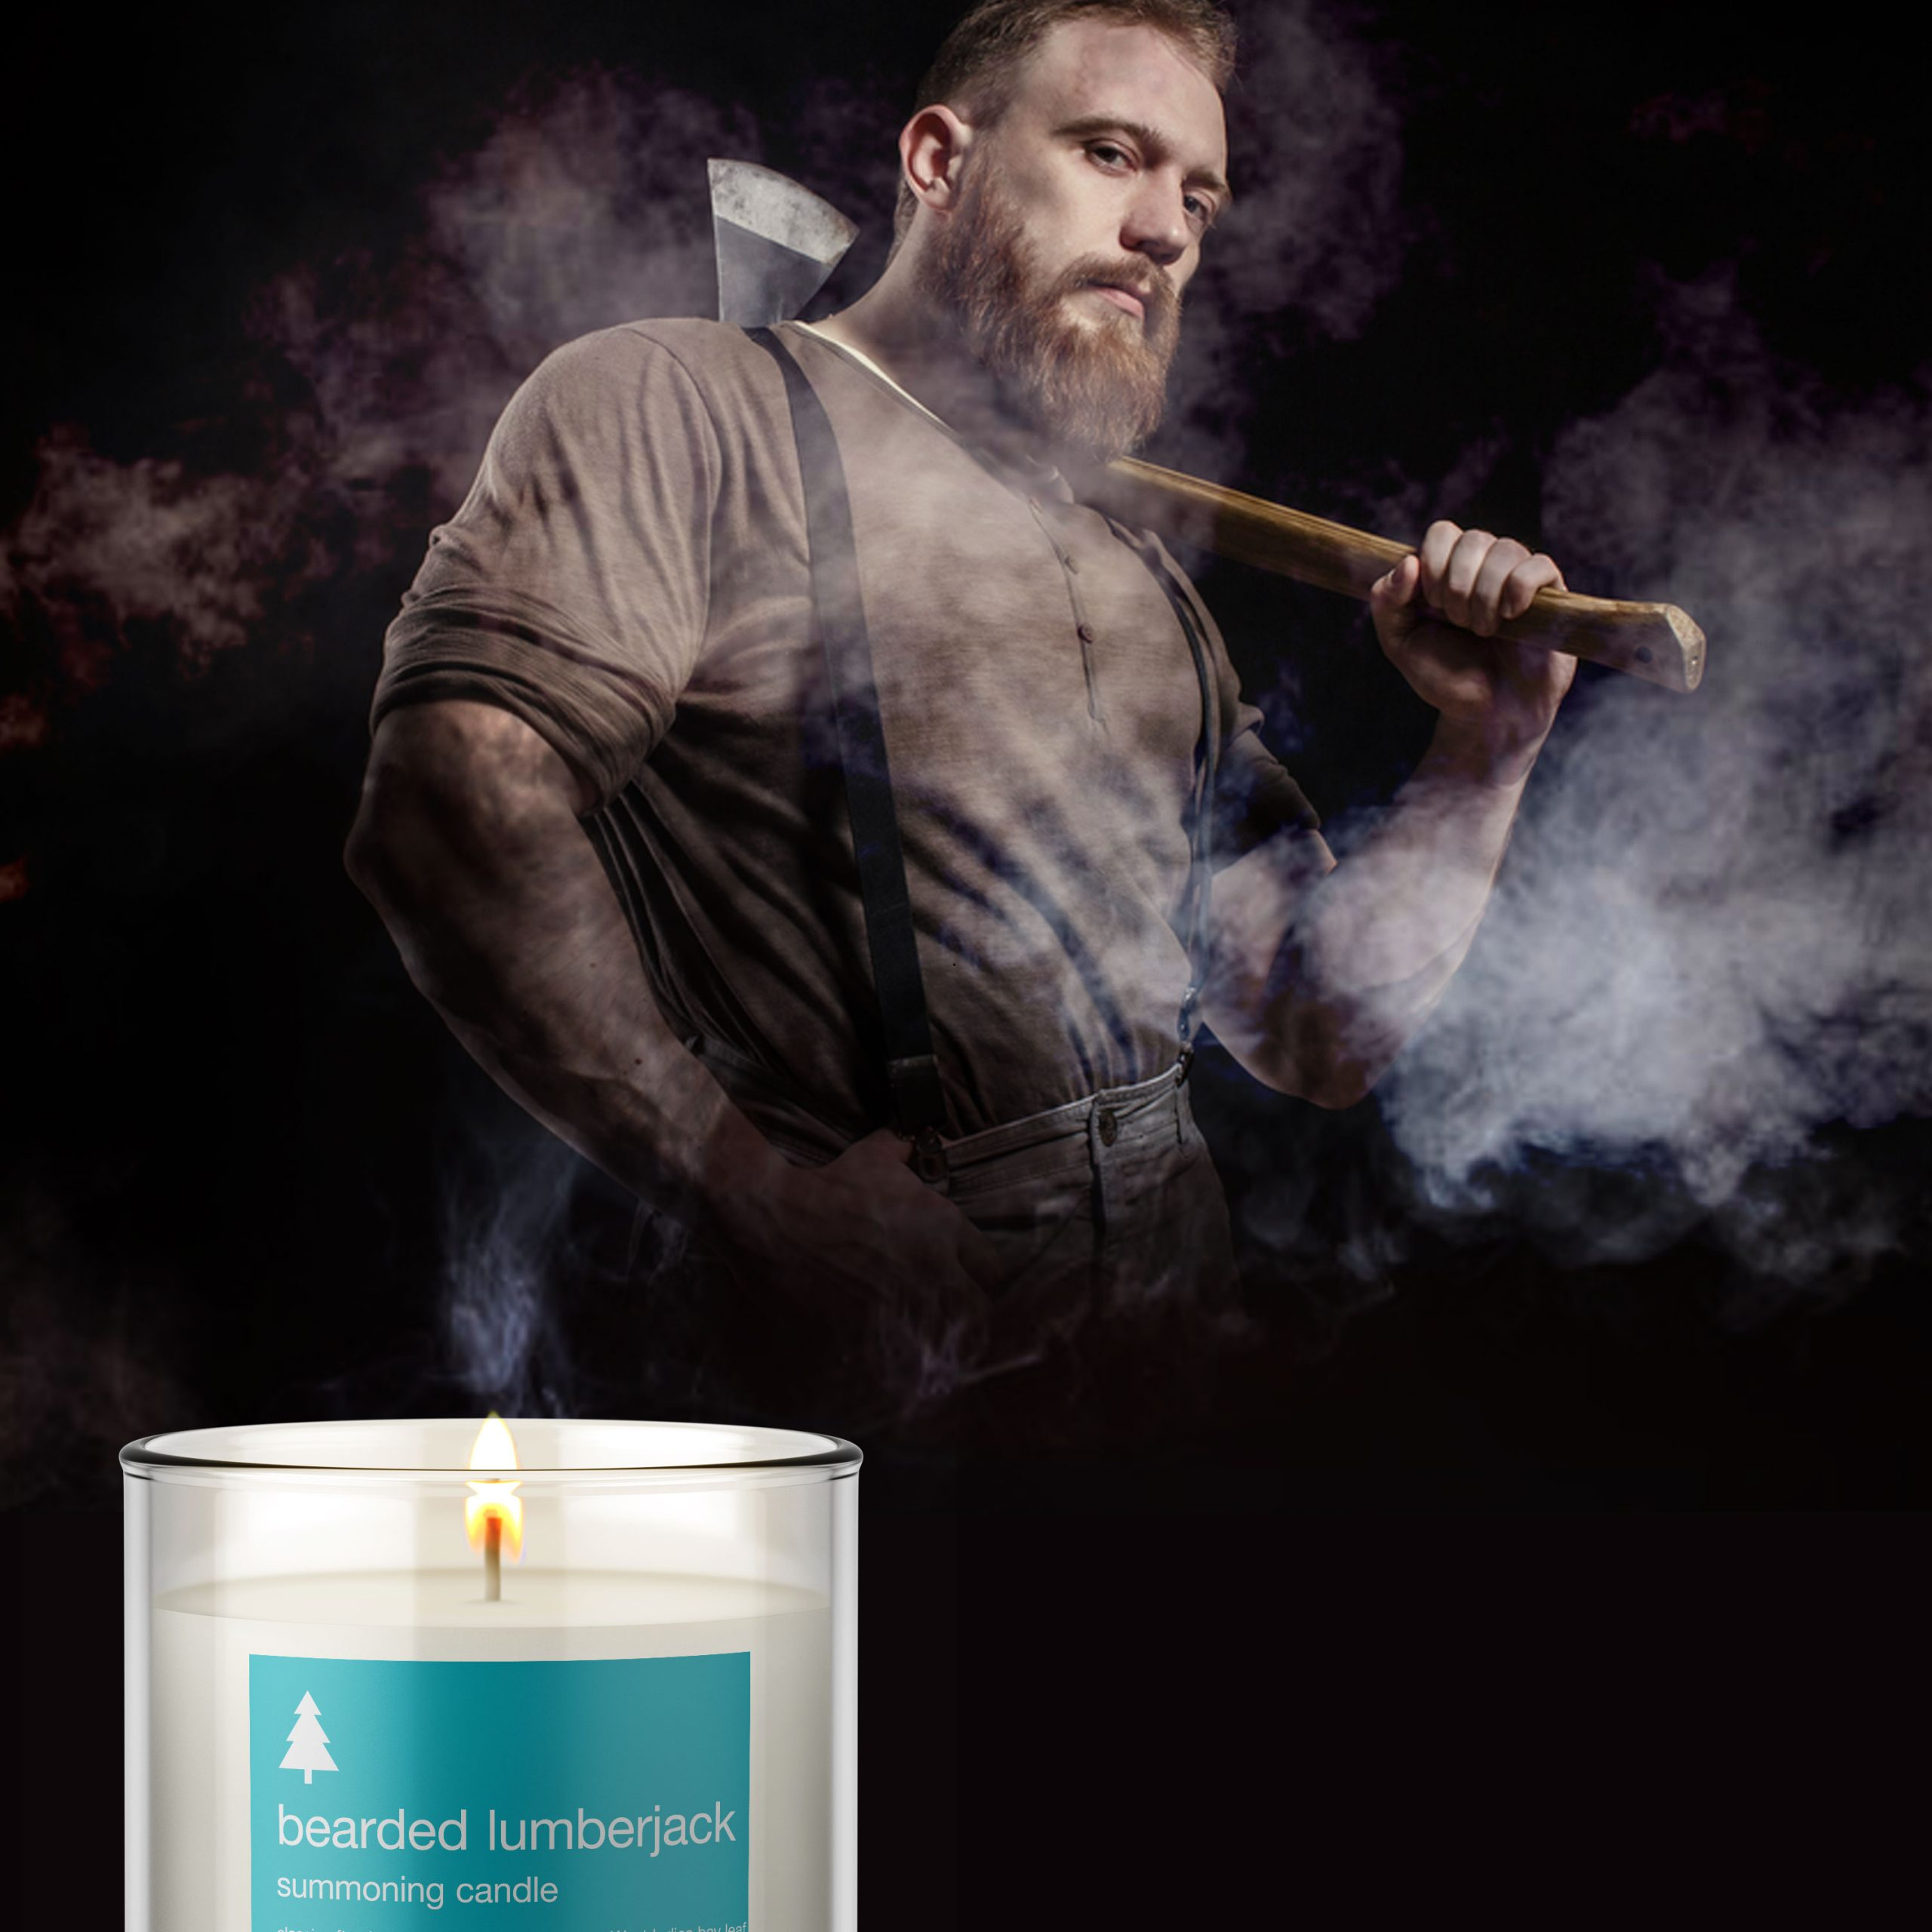 whoa-daddy-candle-mockup-lumberjack